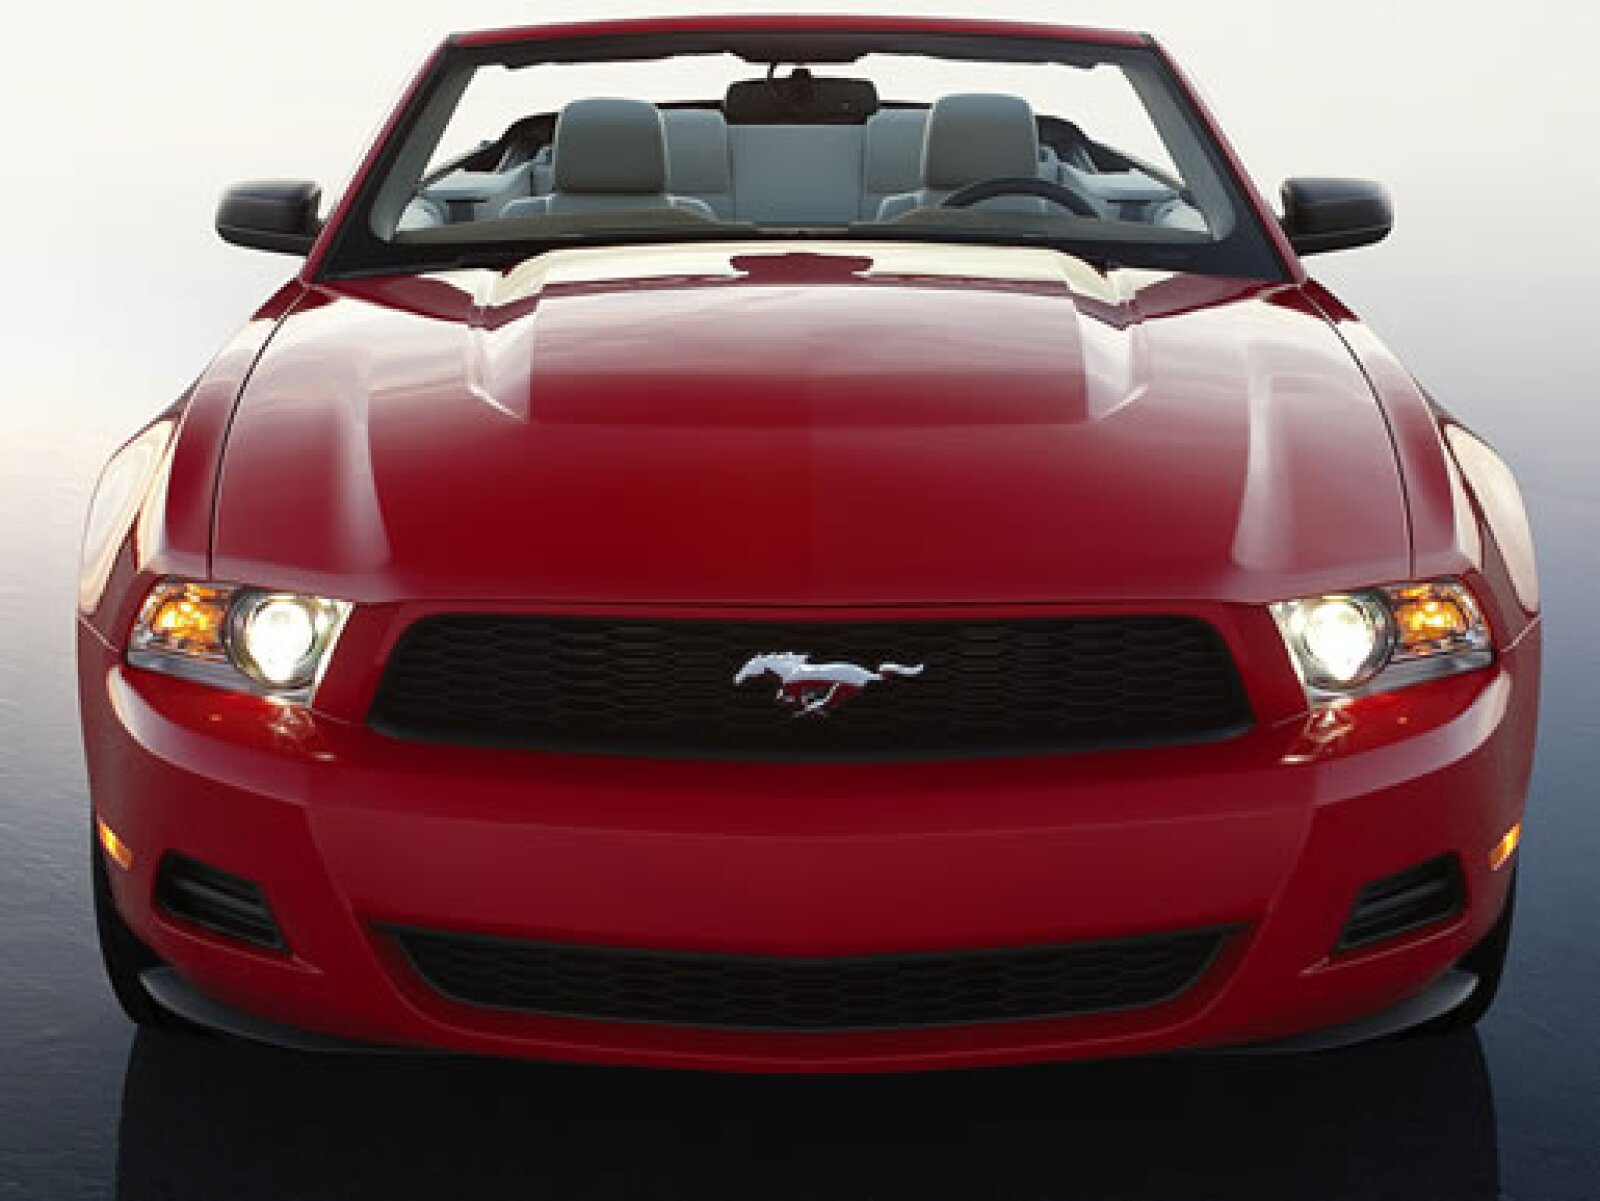 El nuevo modelo busca complacer a una gran variedad de consumidores manteniendo sus modelos GT, GT500 y versiones de V6